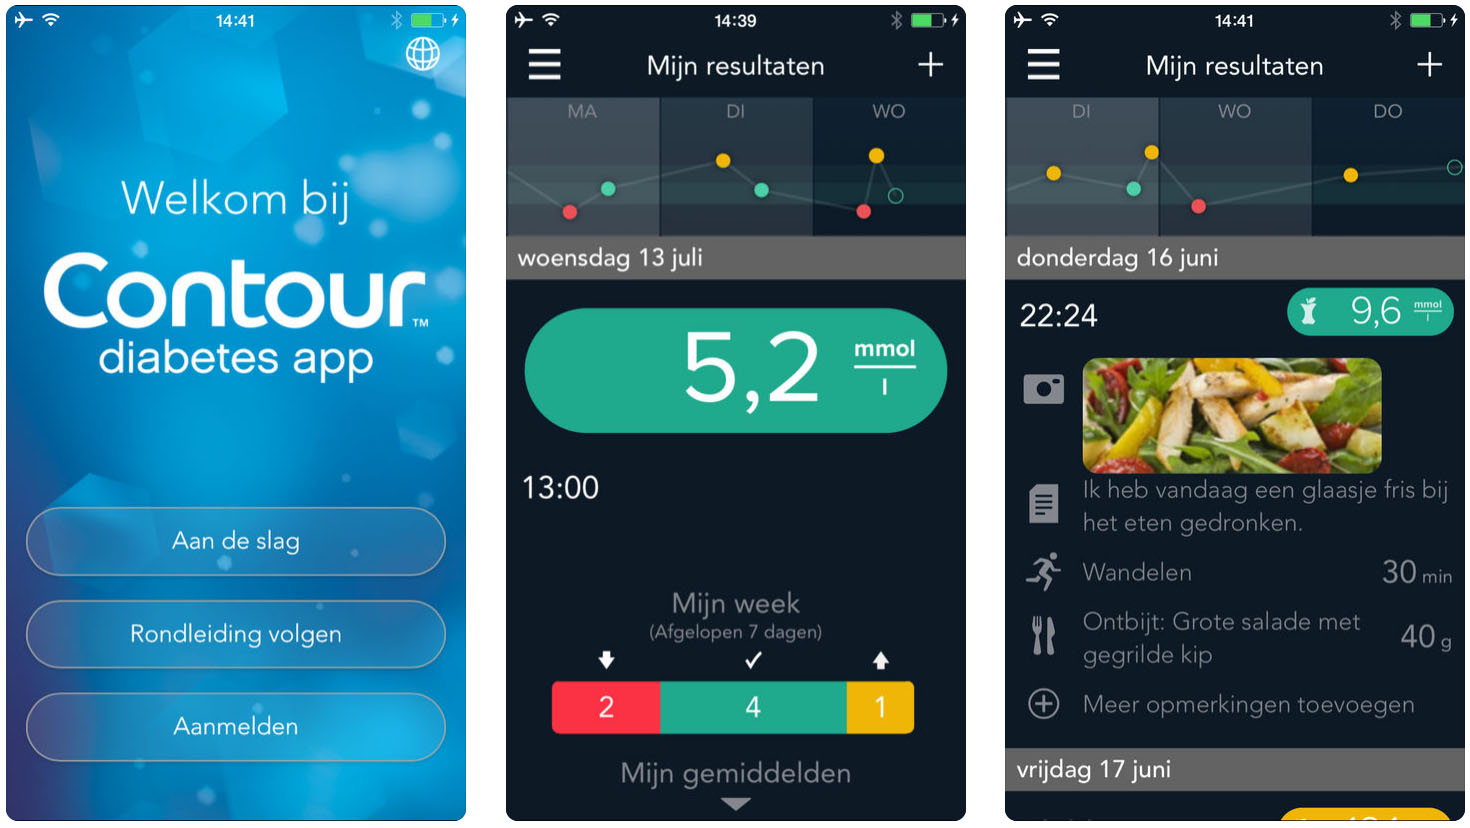 Diabetes app. Contour Next One